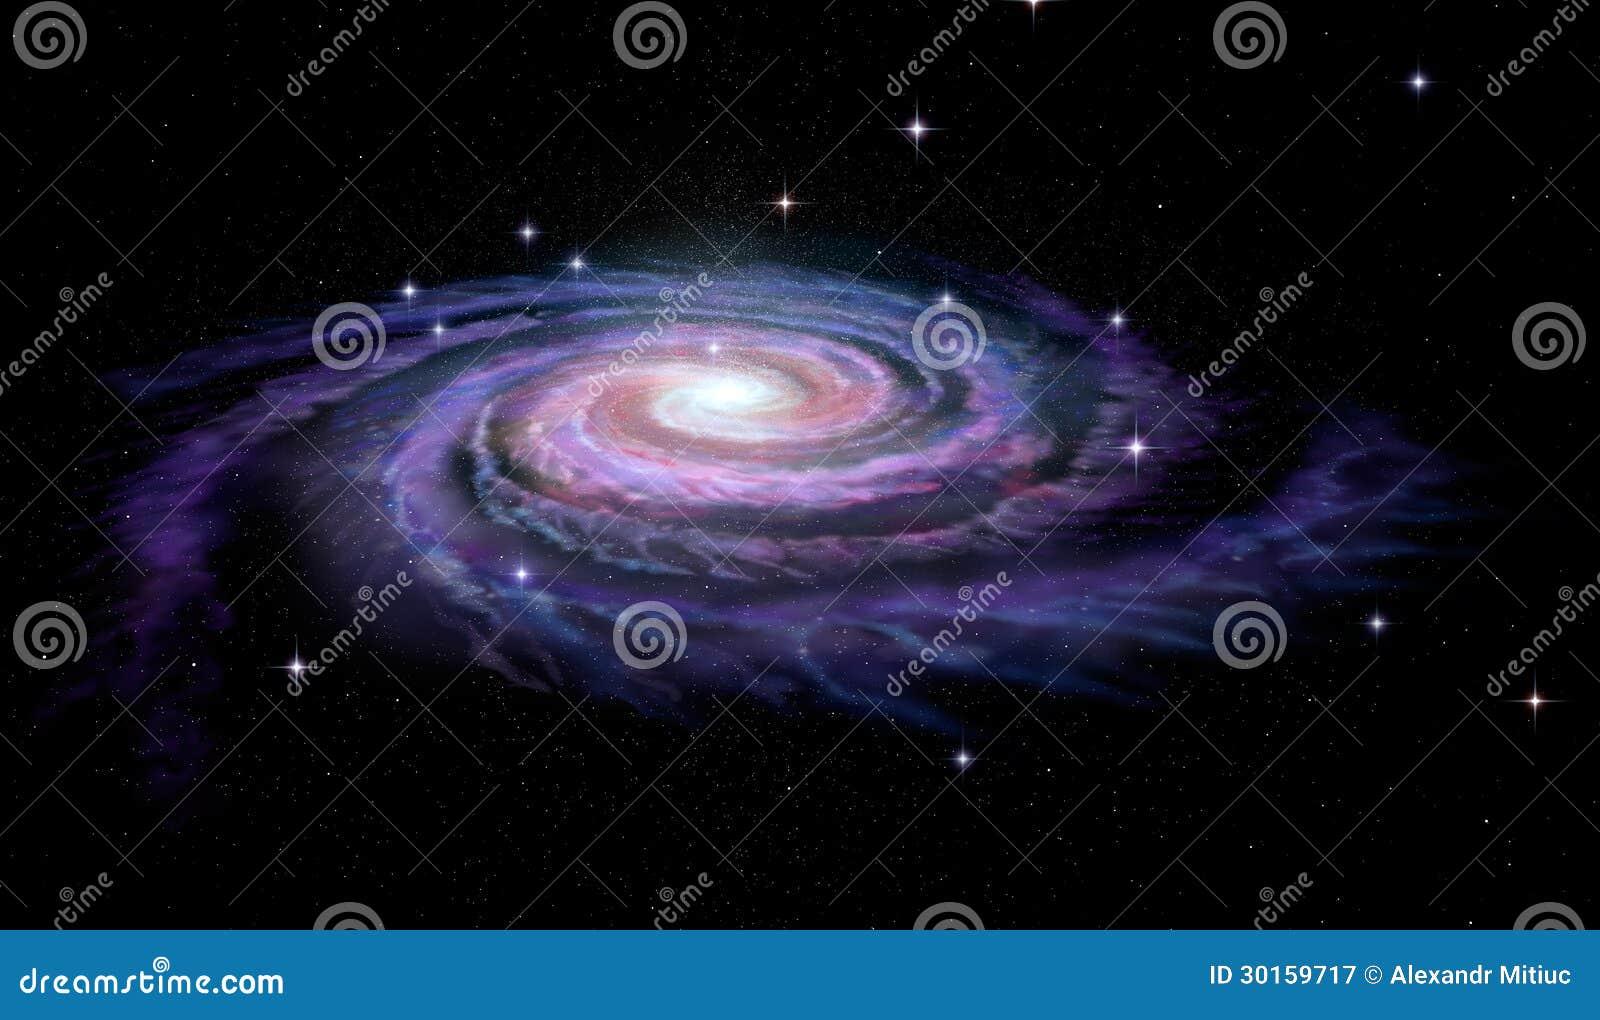 Vía láctea de la galaxia espiral